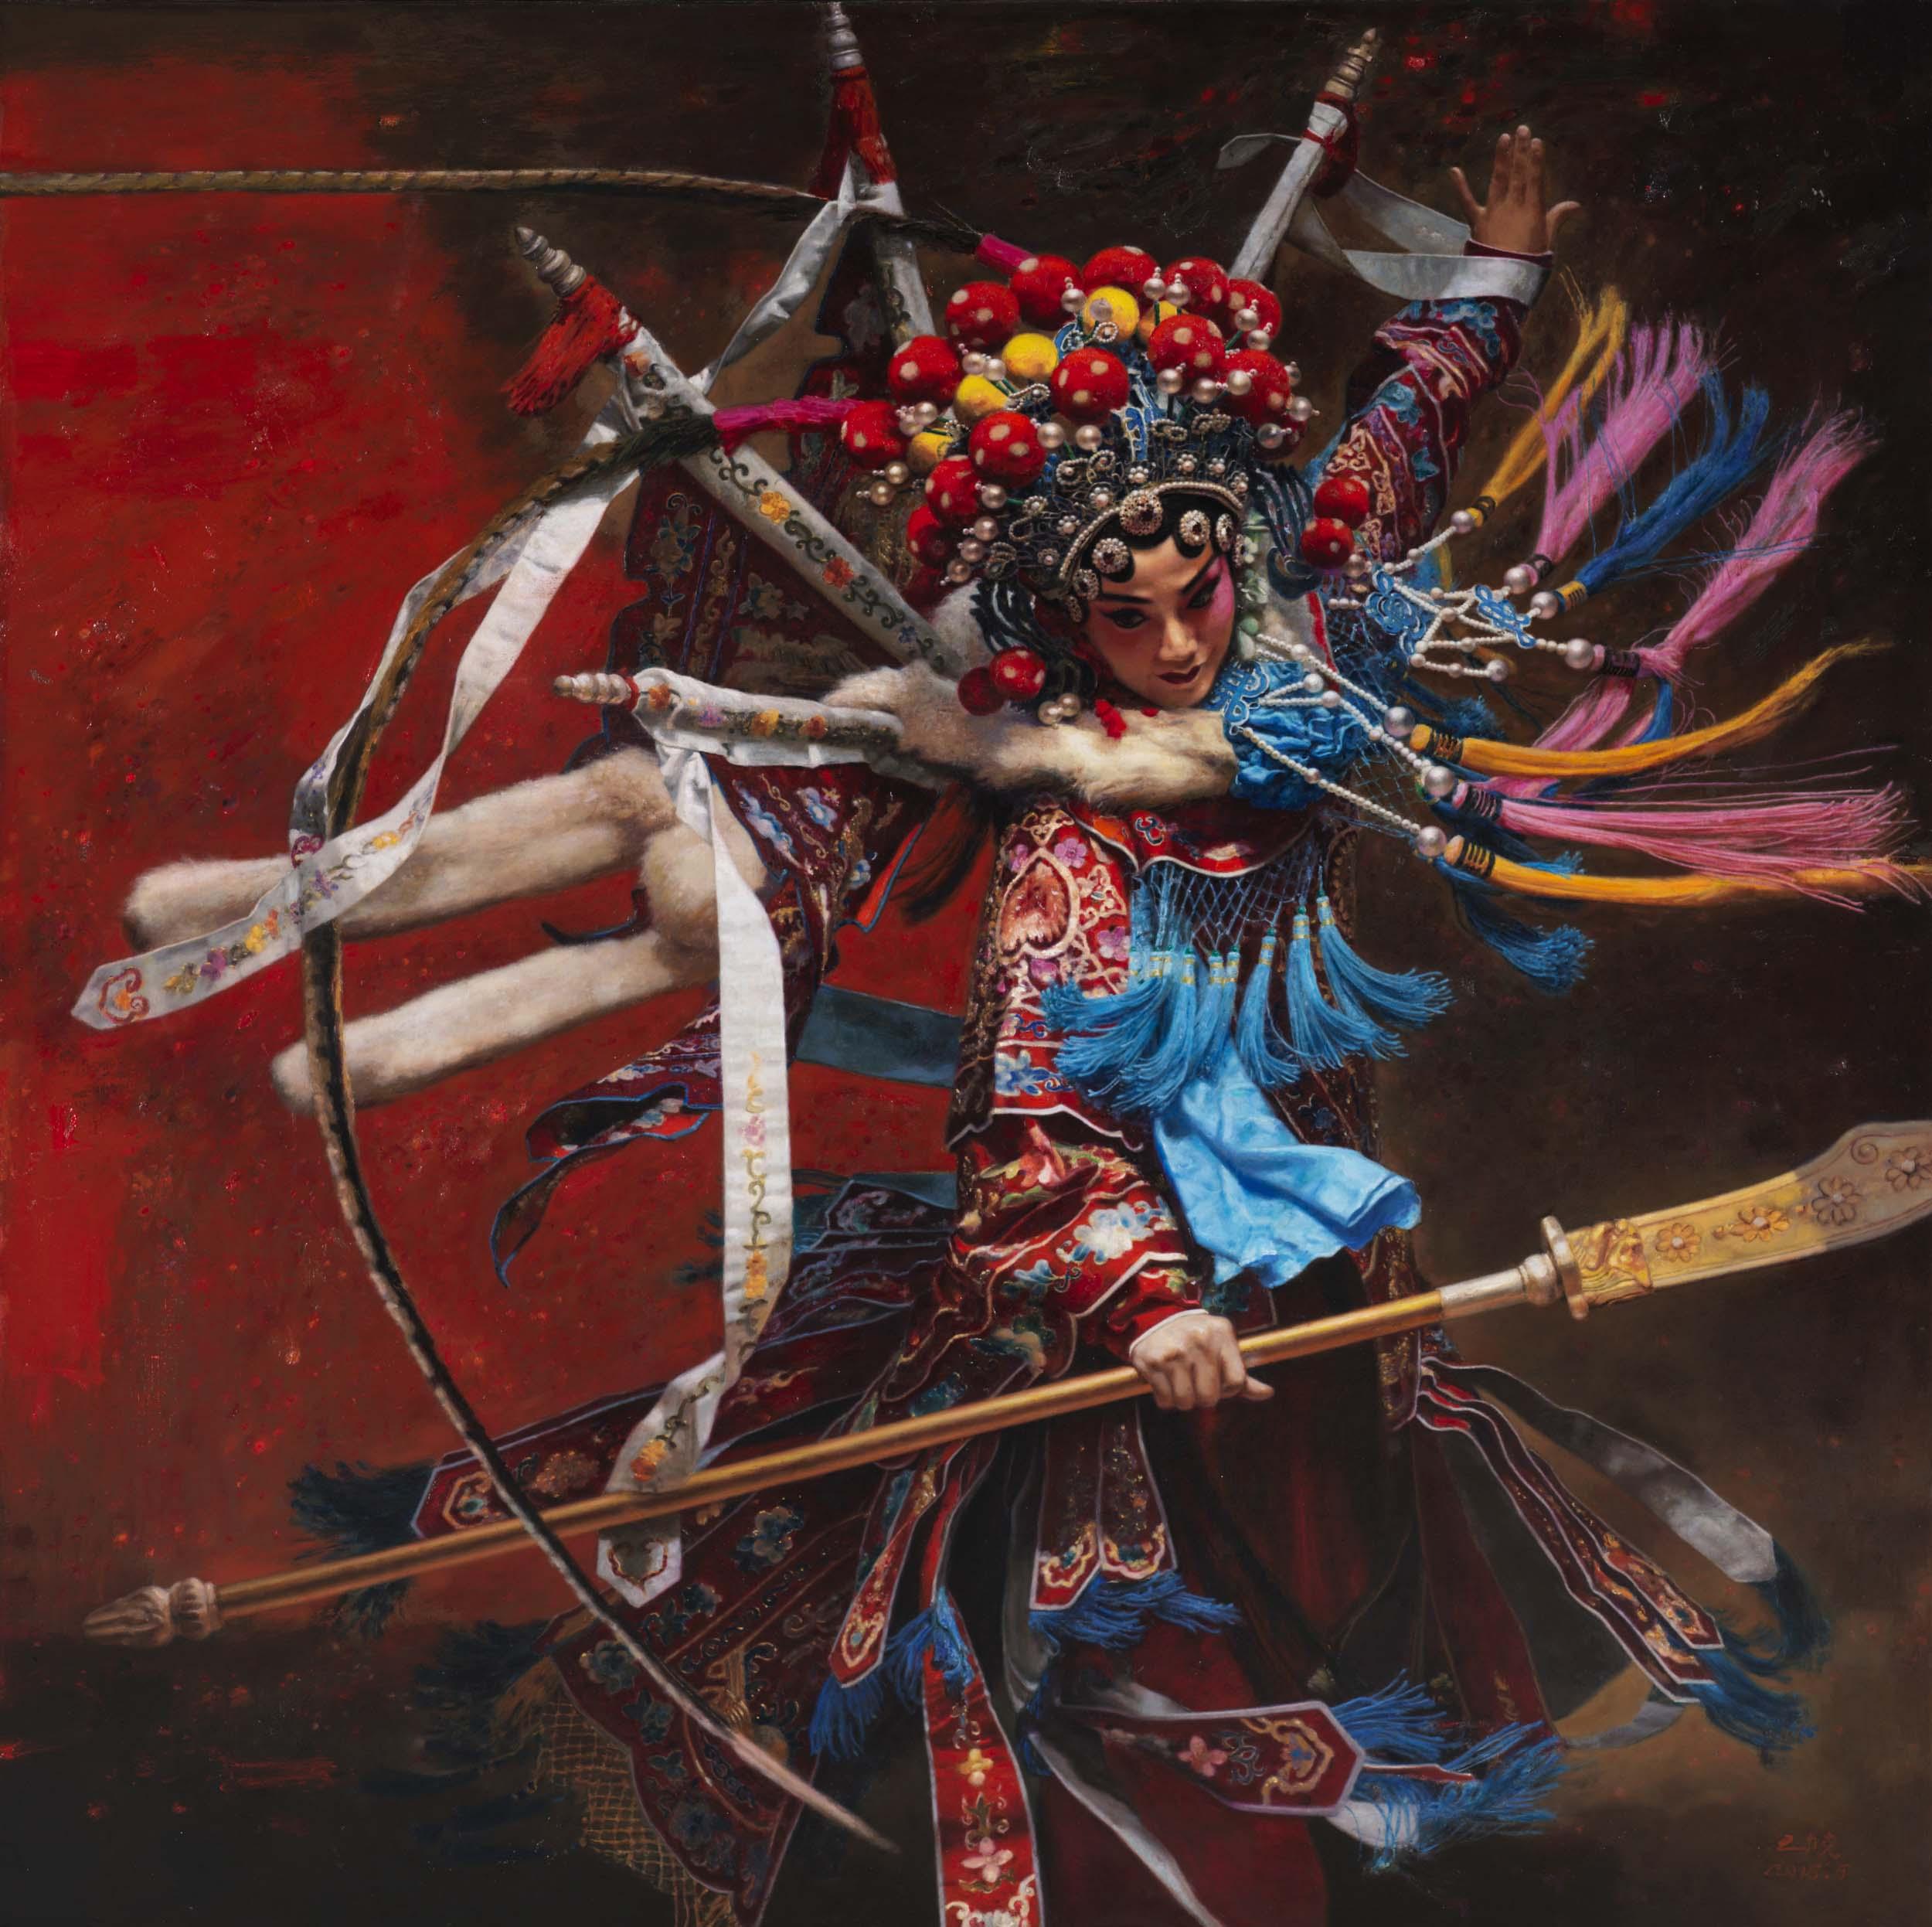 """2013年中国画展征稿_真像——当代中国写实油画的新发展研究展""""巡展在重庆美术馆 ..."""